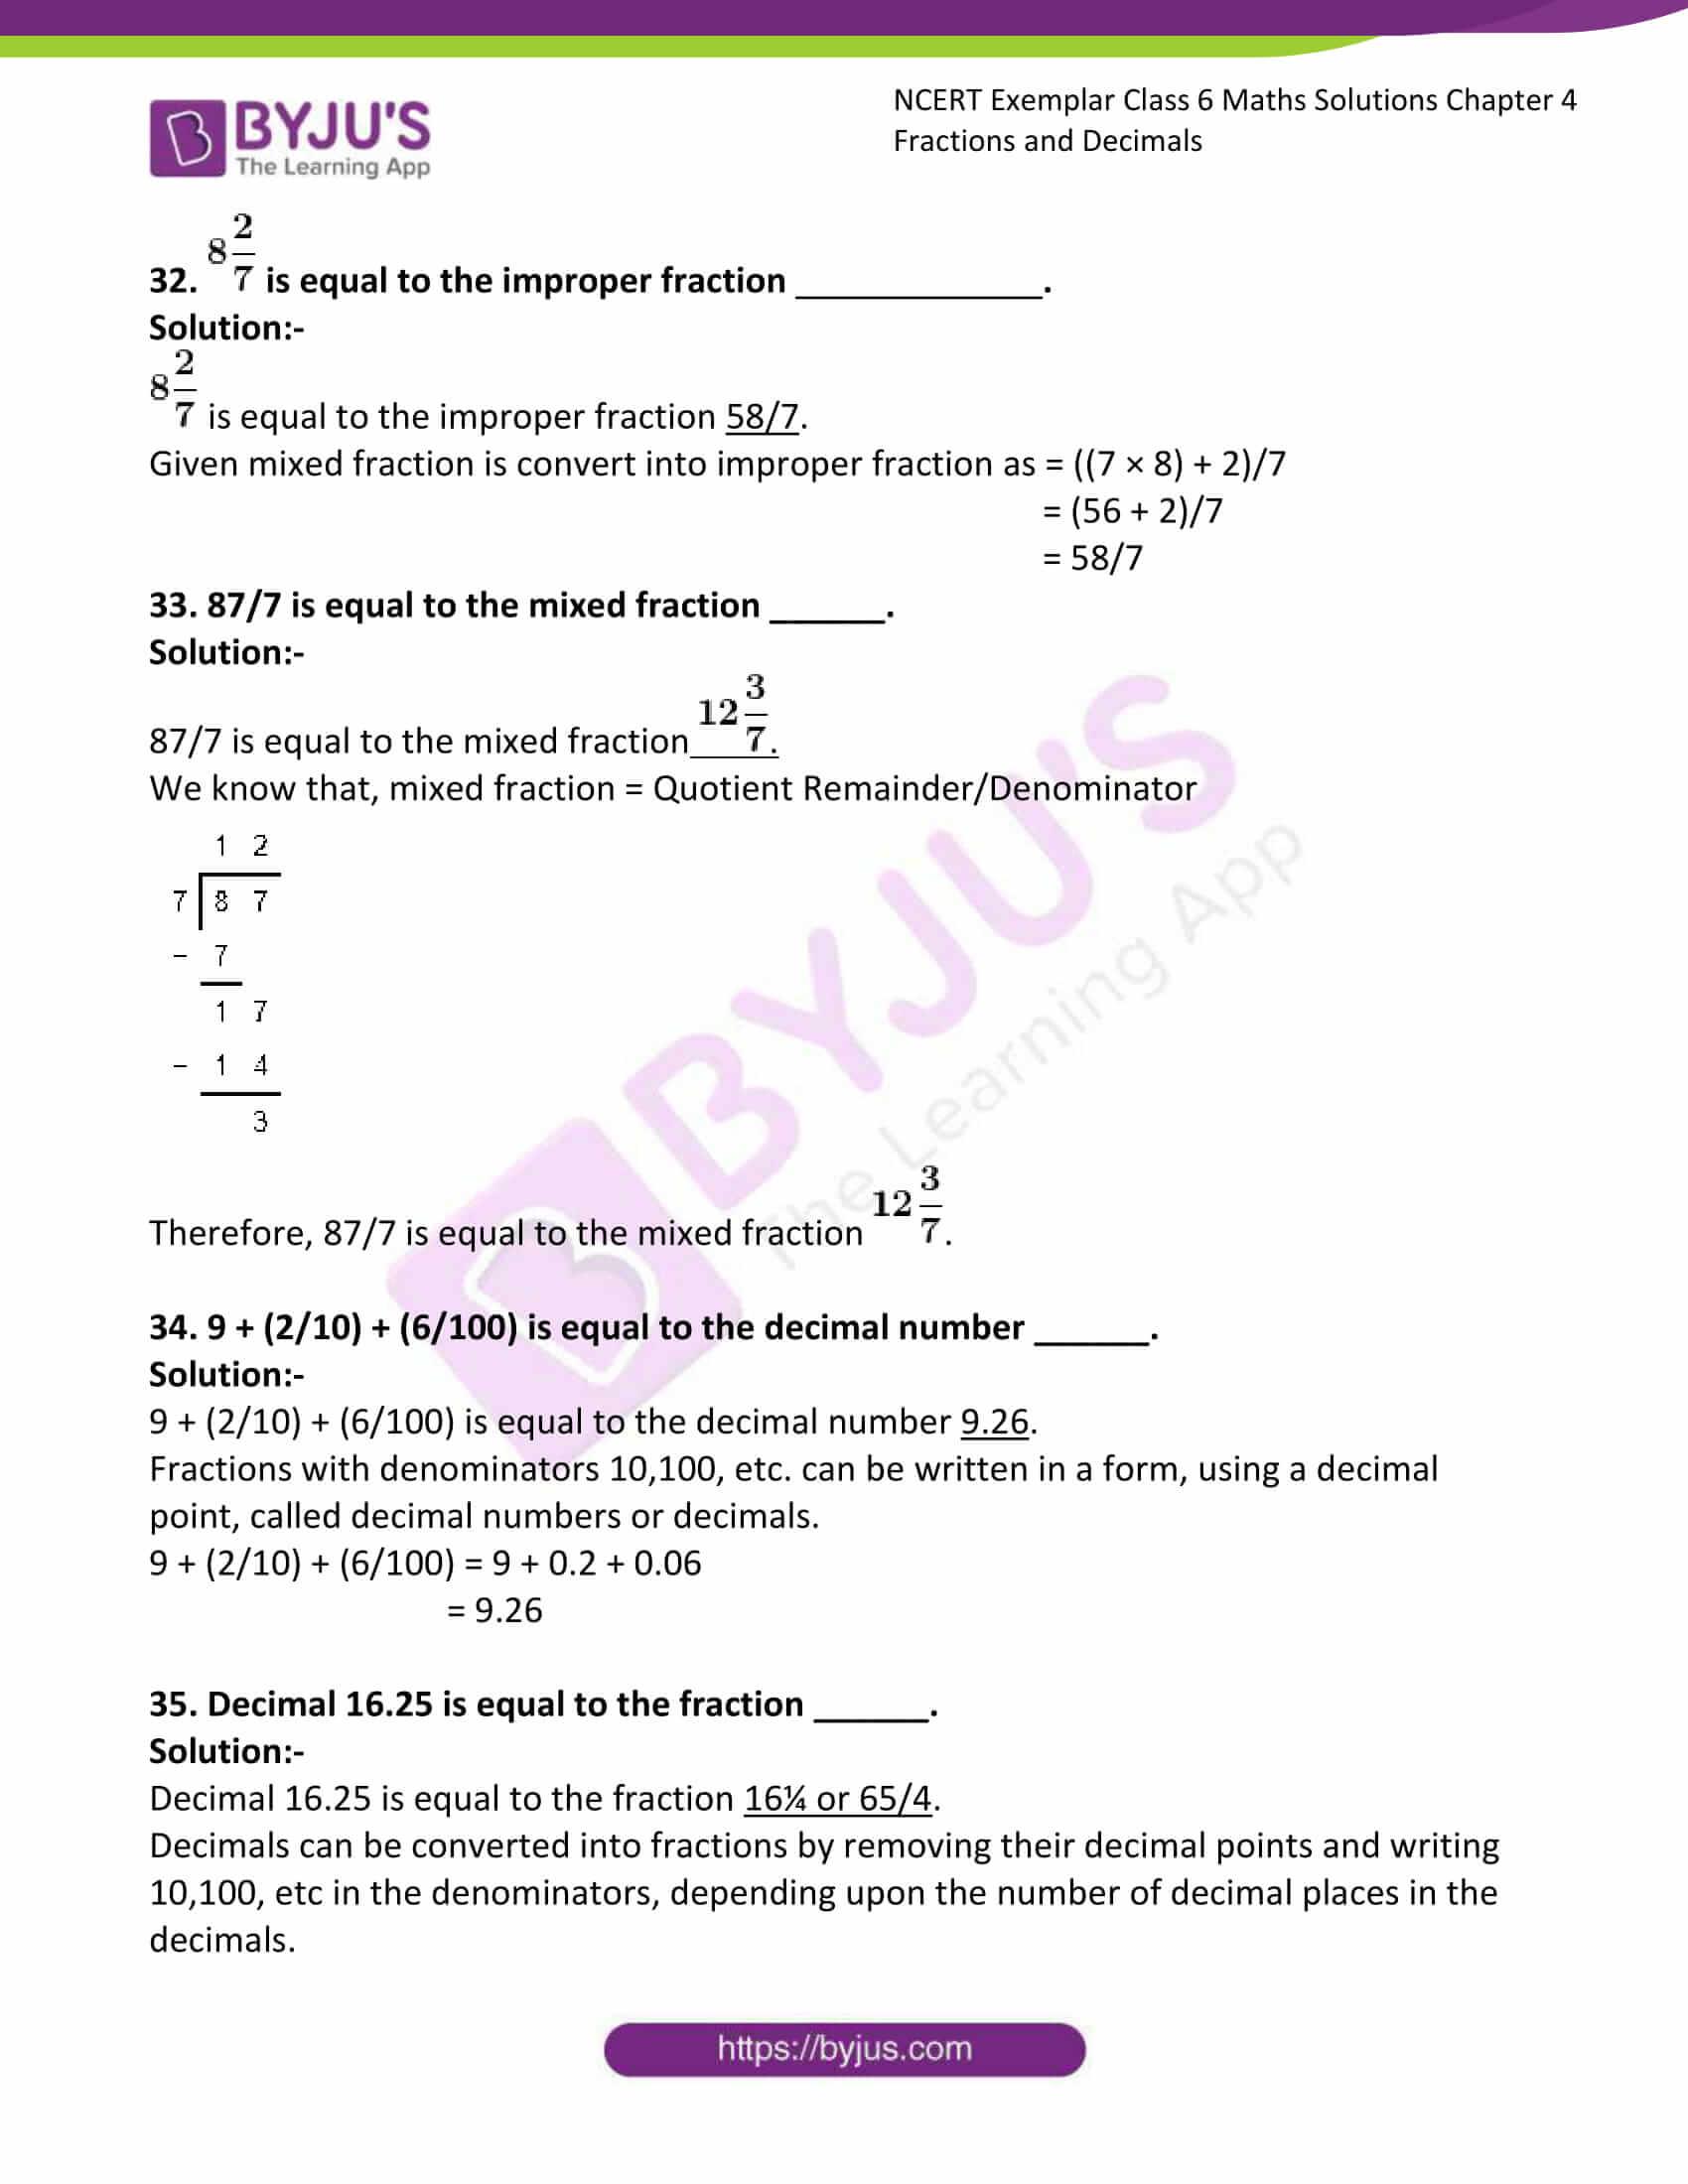 ncert exemplar class 6 maths sol ch 4 08